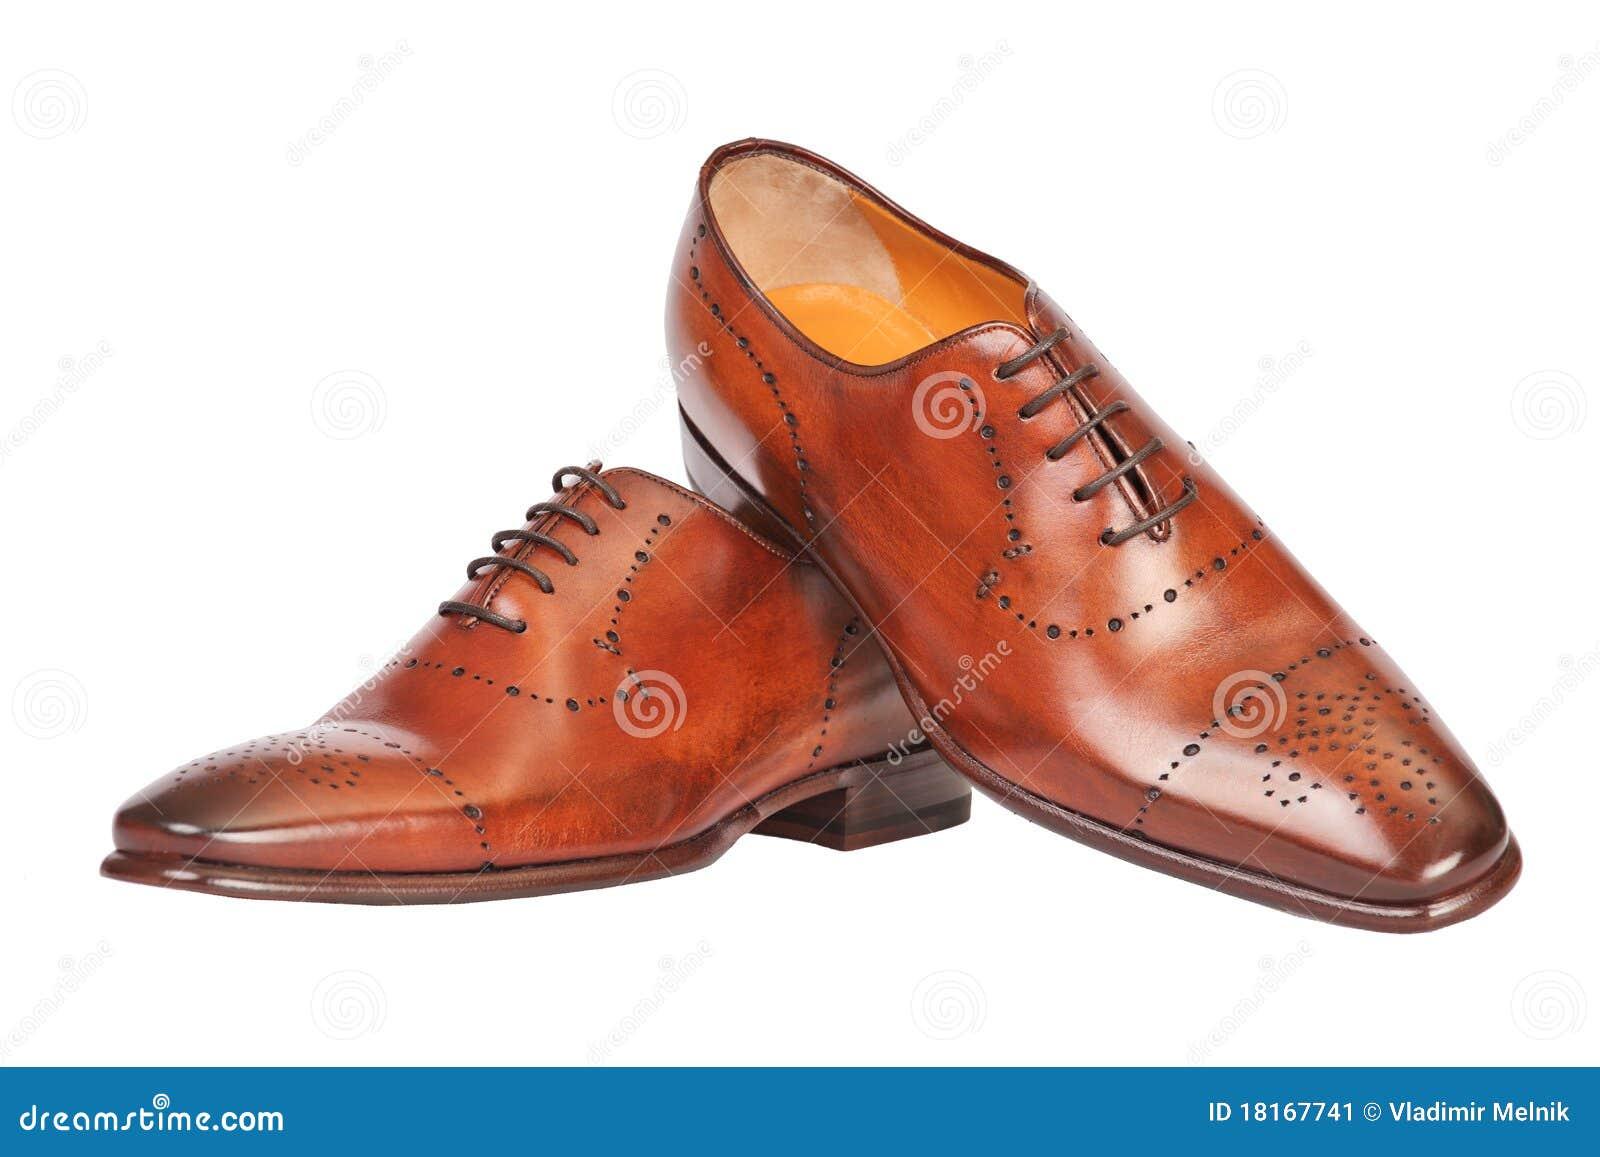 bruine schoenen